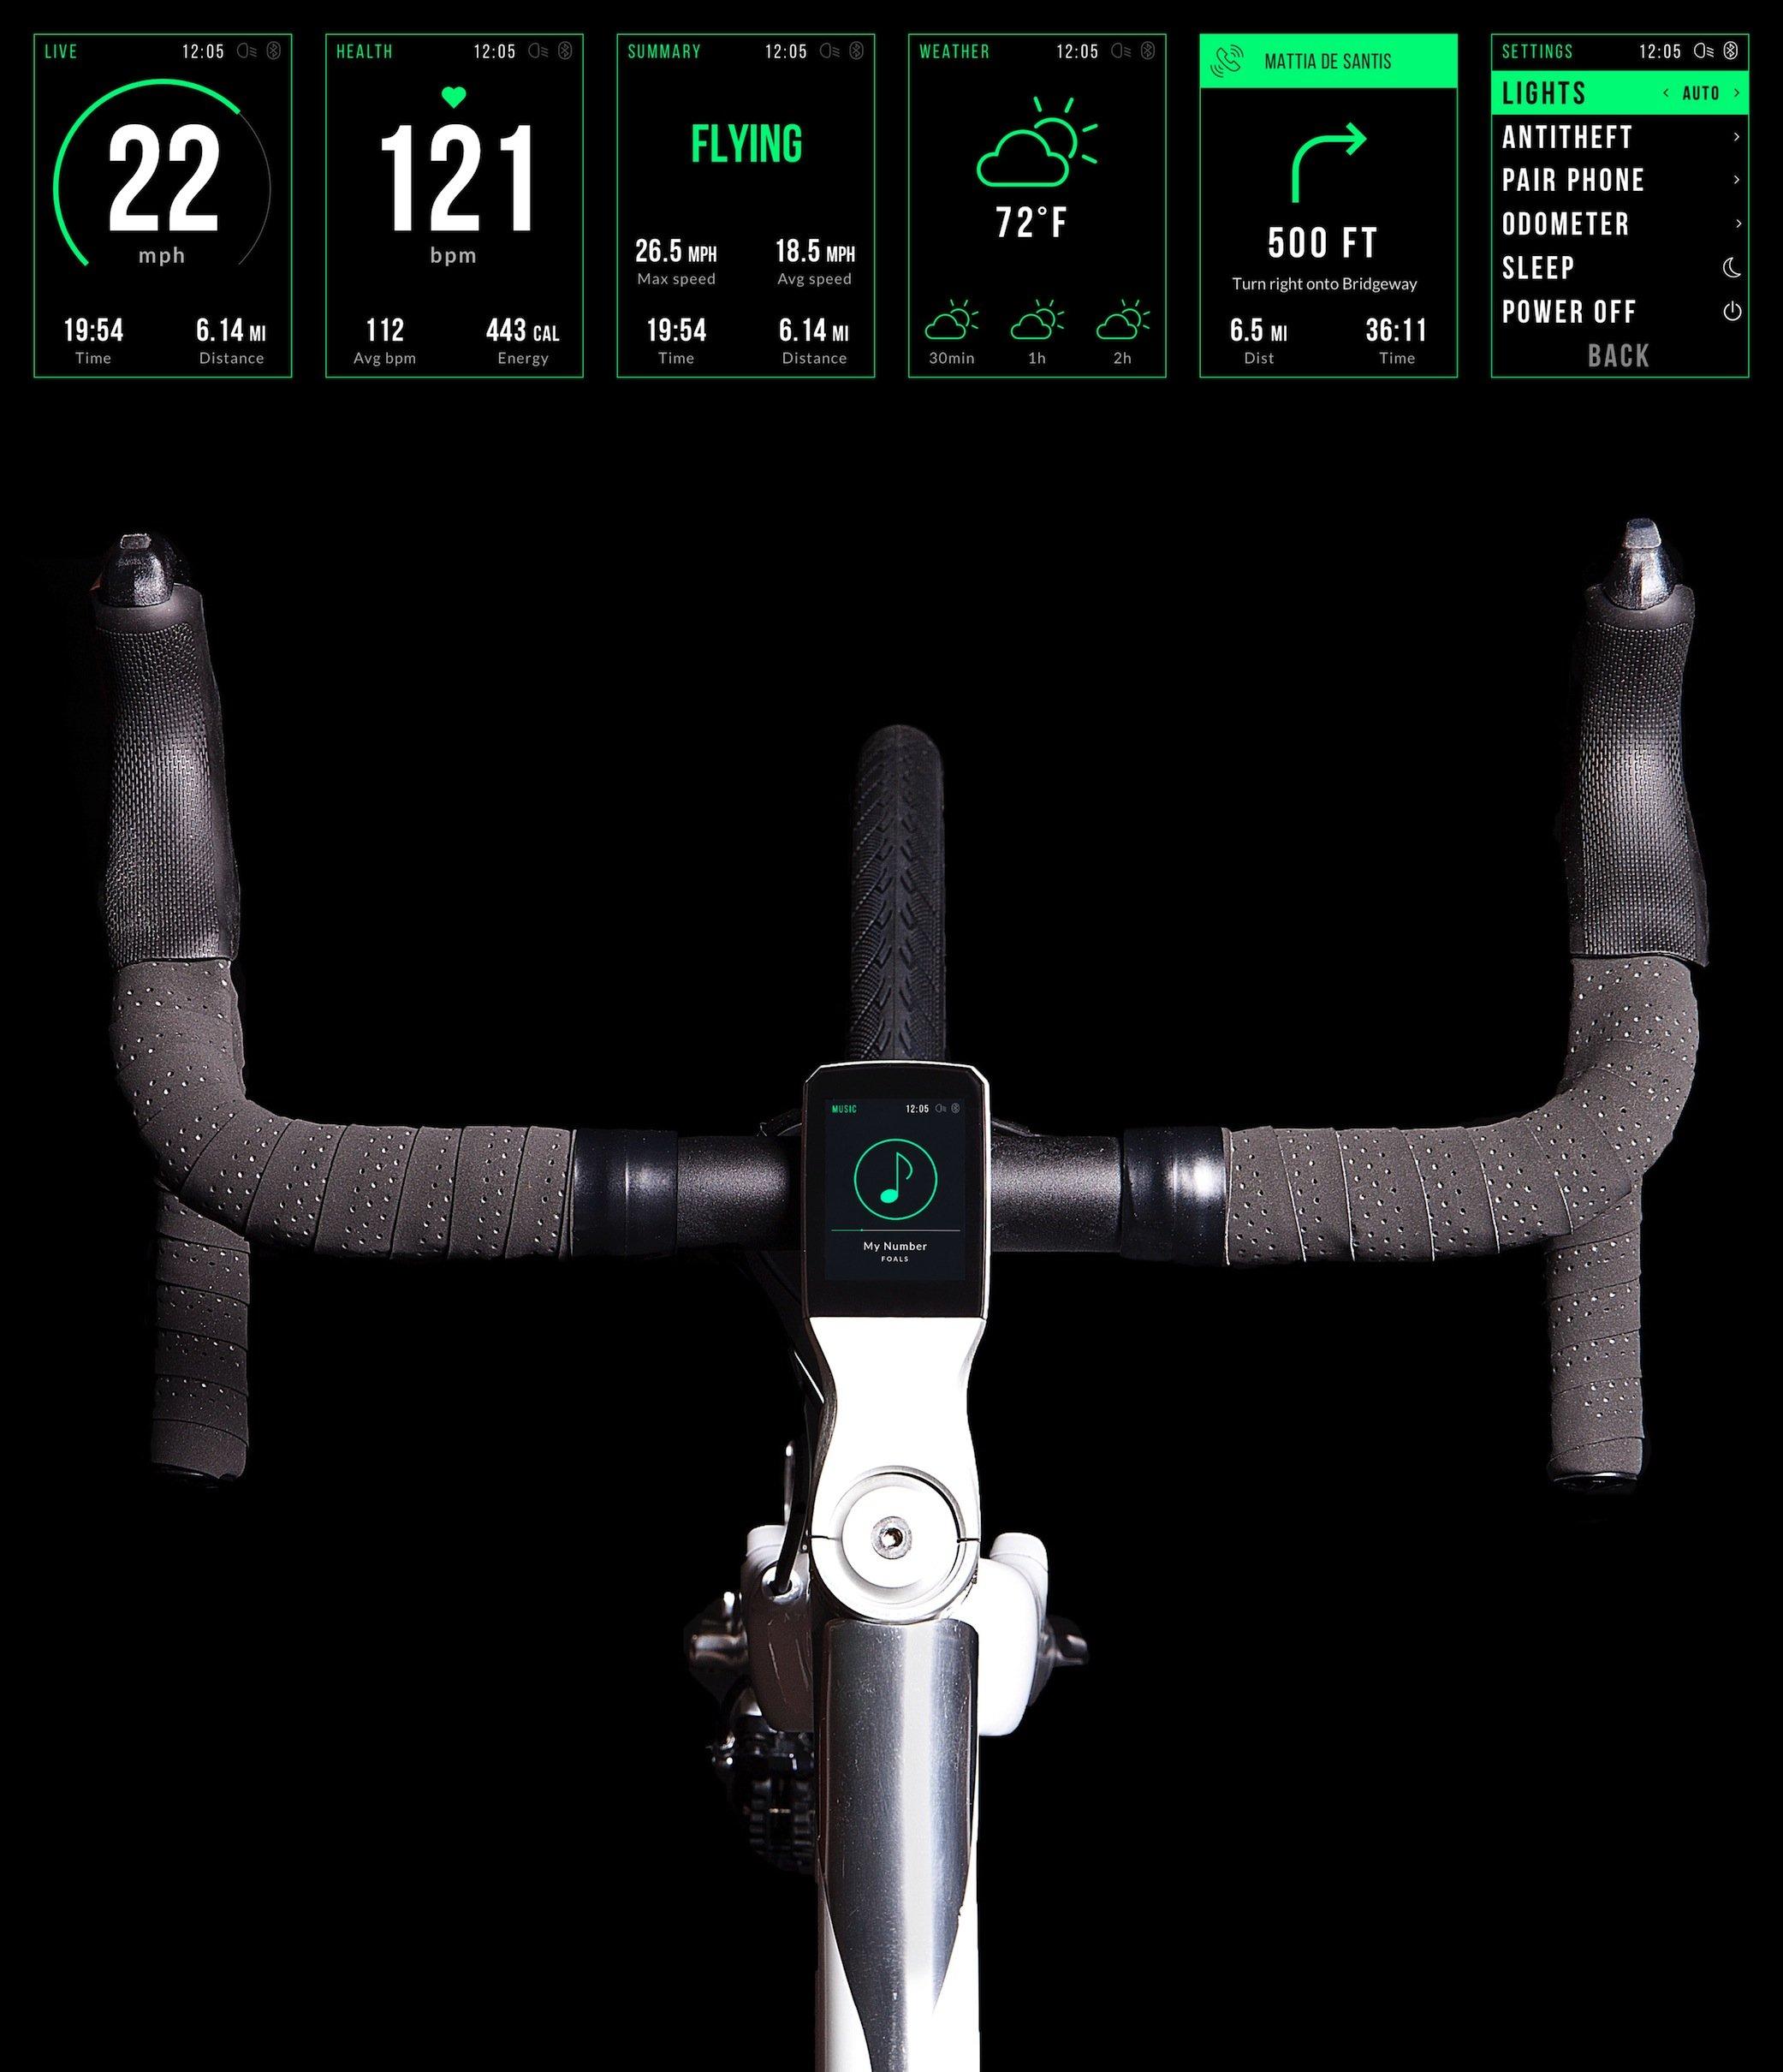 Der Bordcomputer des Volata Bikes versorgt den Fahrer mit einem ganzen Strauß an nützlichen Informationen. E-Mail, die auf dem Smartphone eintreffen, werden auf dem relativ großen Display angezeigt.